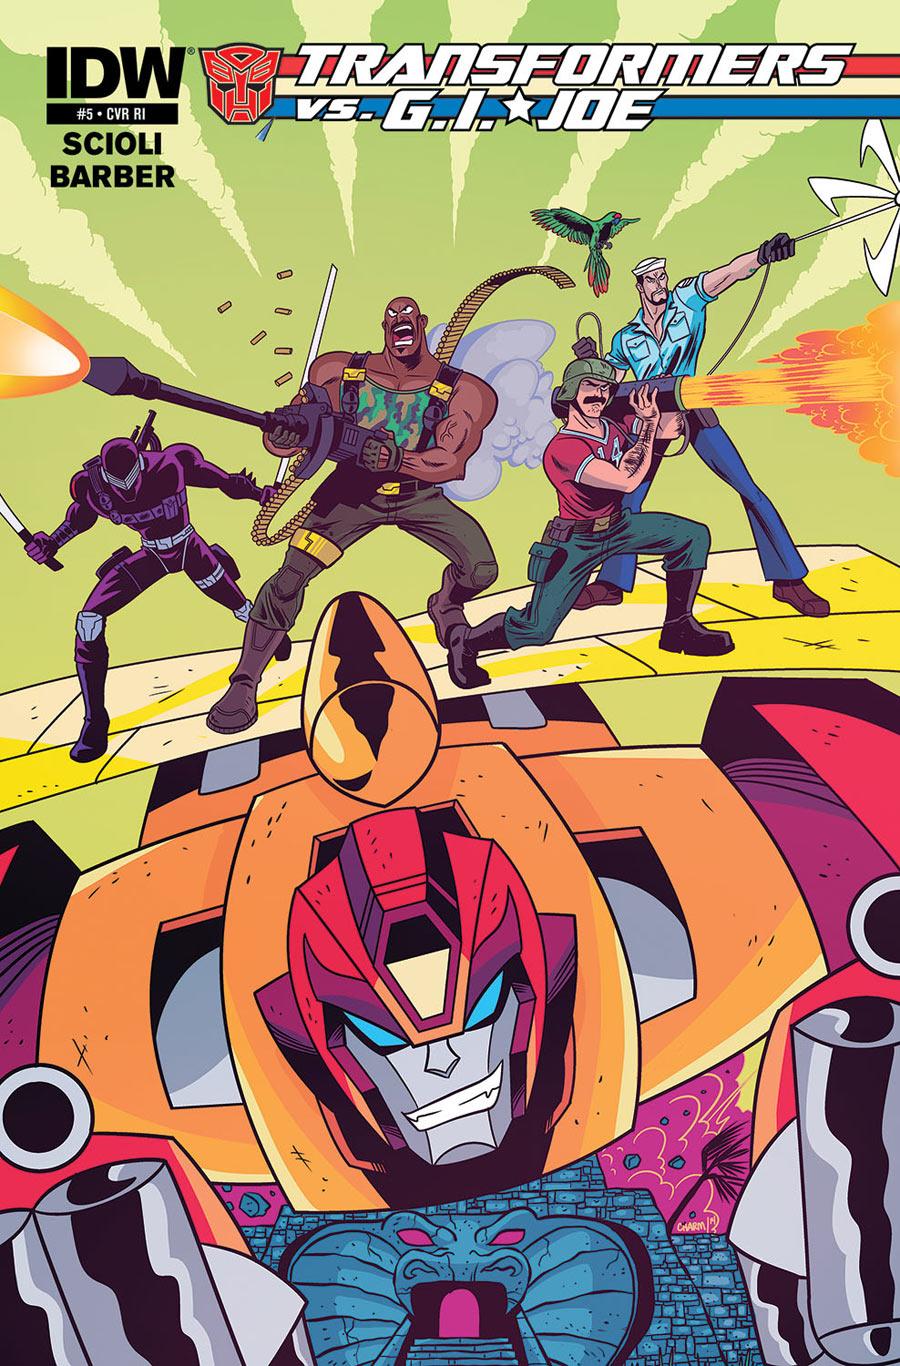 Transformers_vs_G.I Joe_5_cover_alt